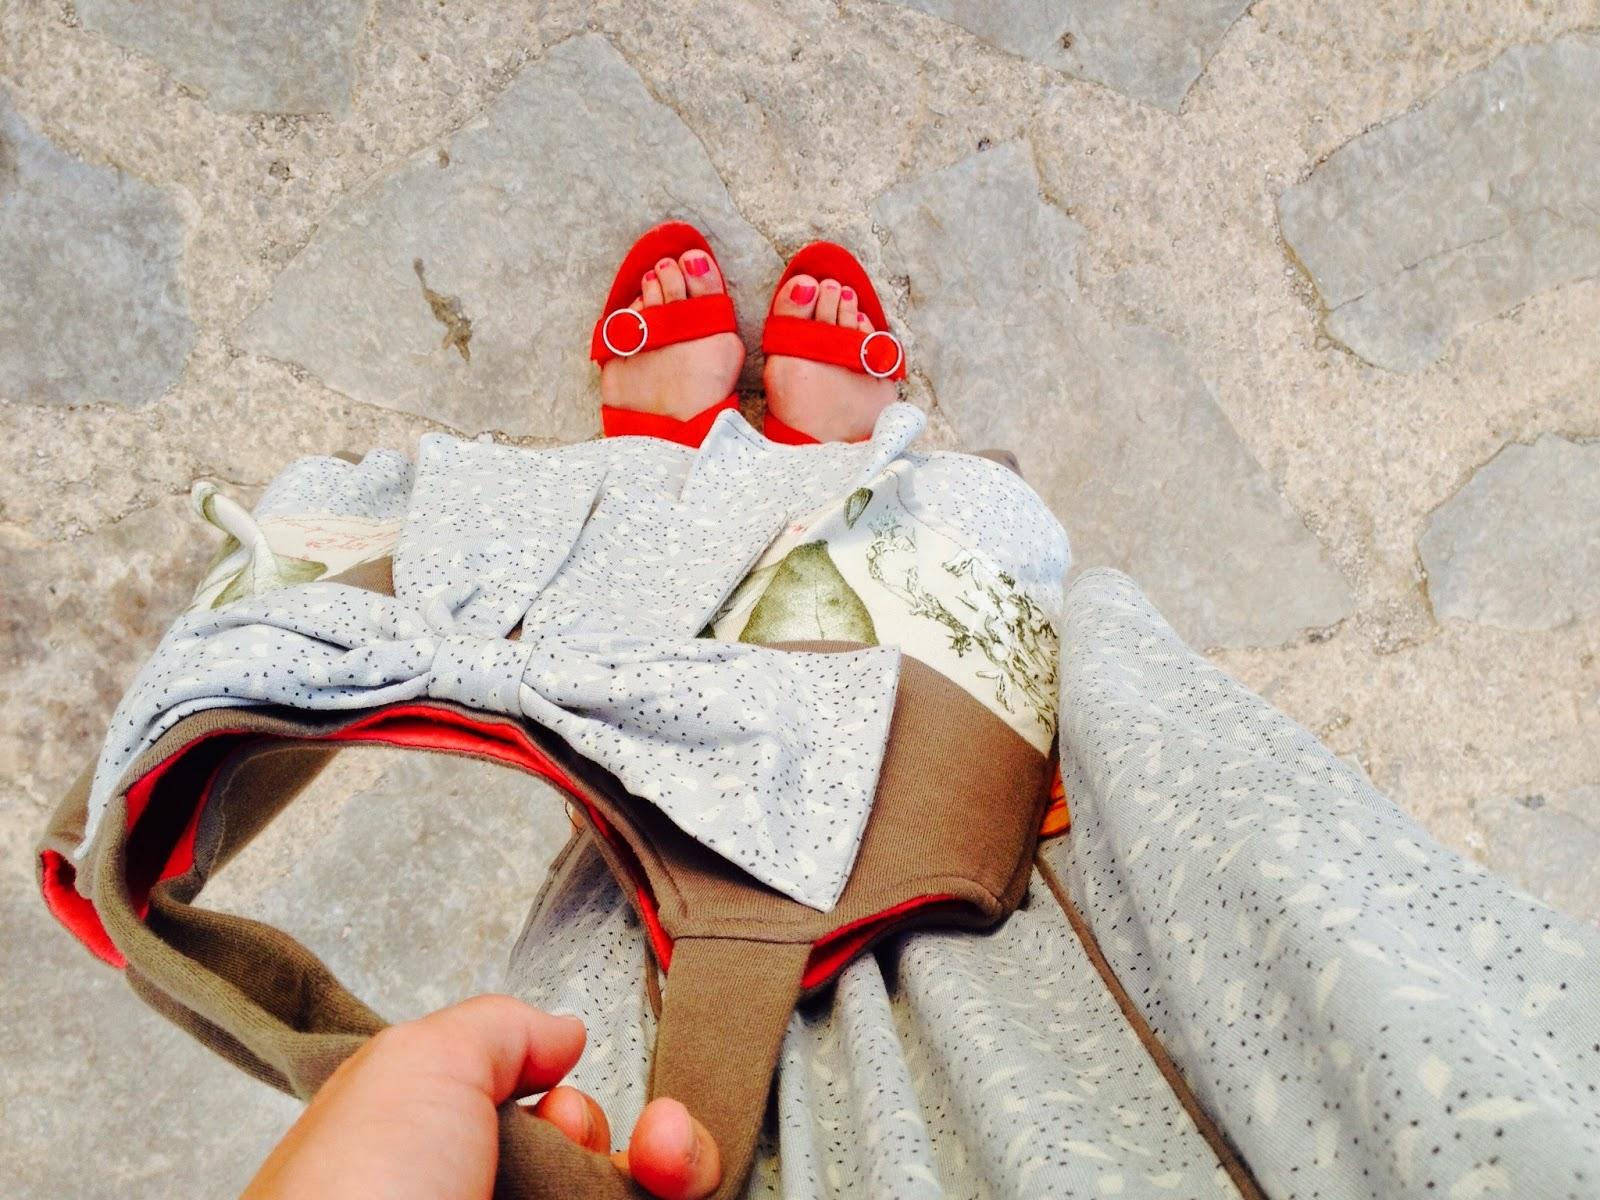 Vestido y bolso crafty chic de Mamatayoe colección de verano